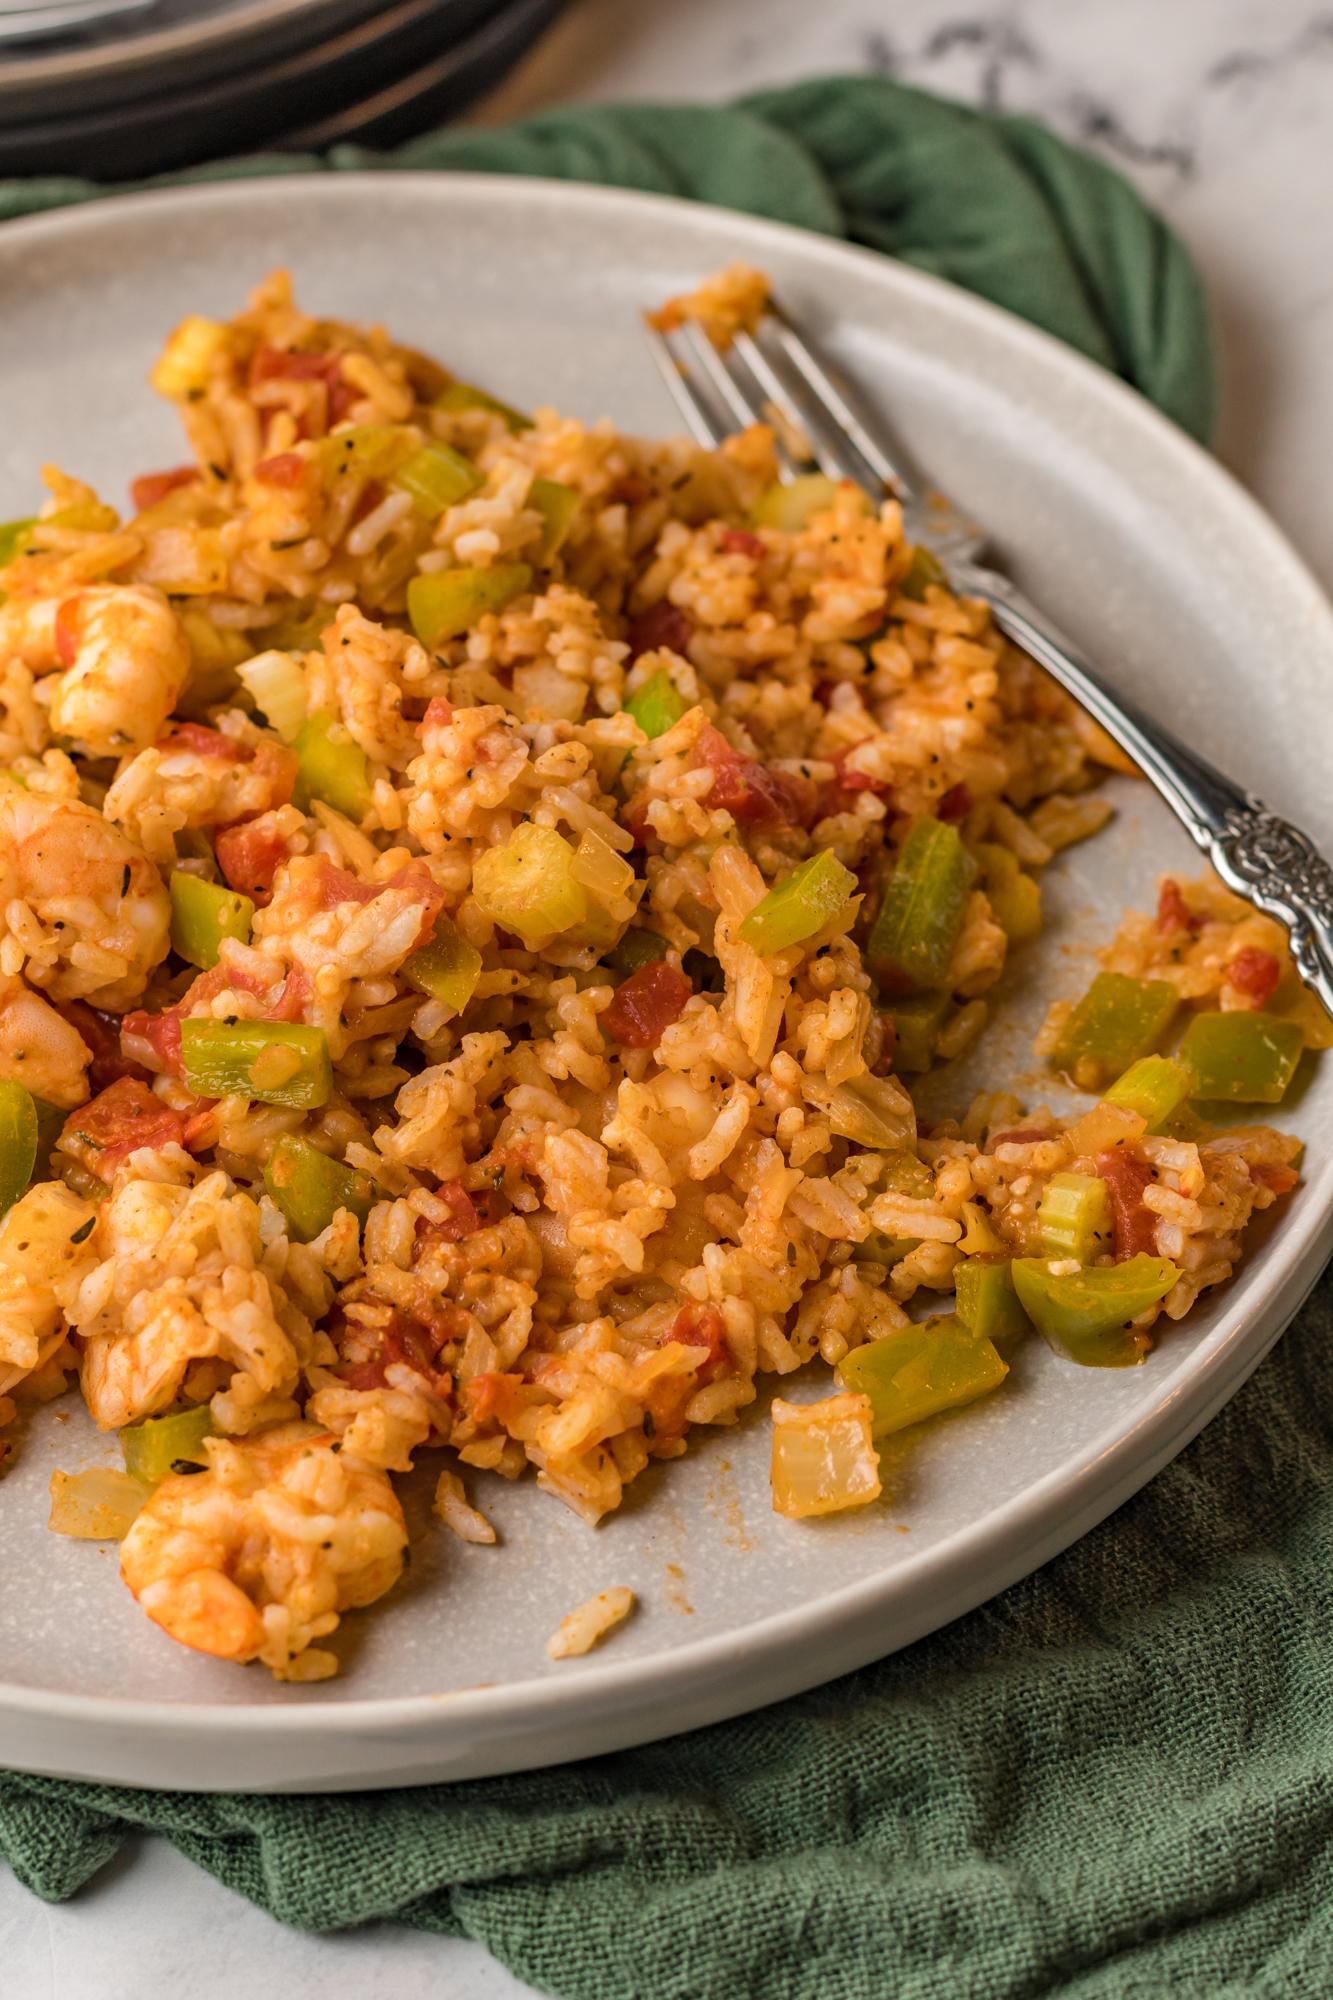 Shrimp Creole Recipe on plate